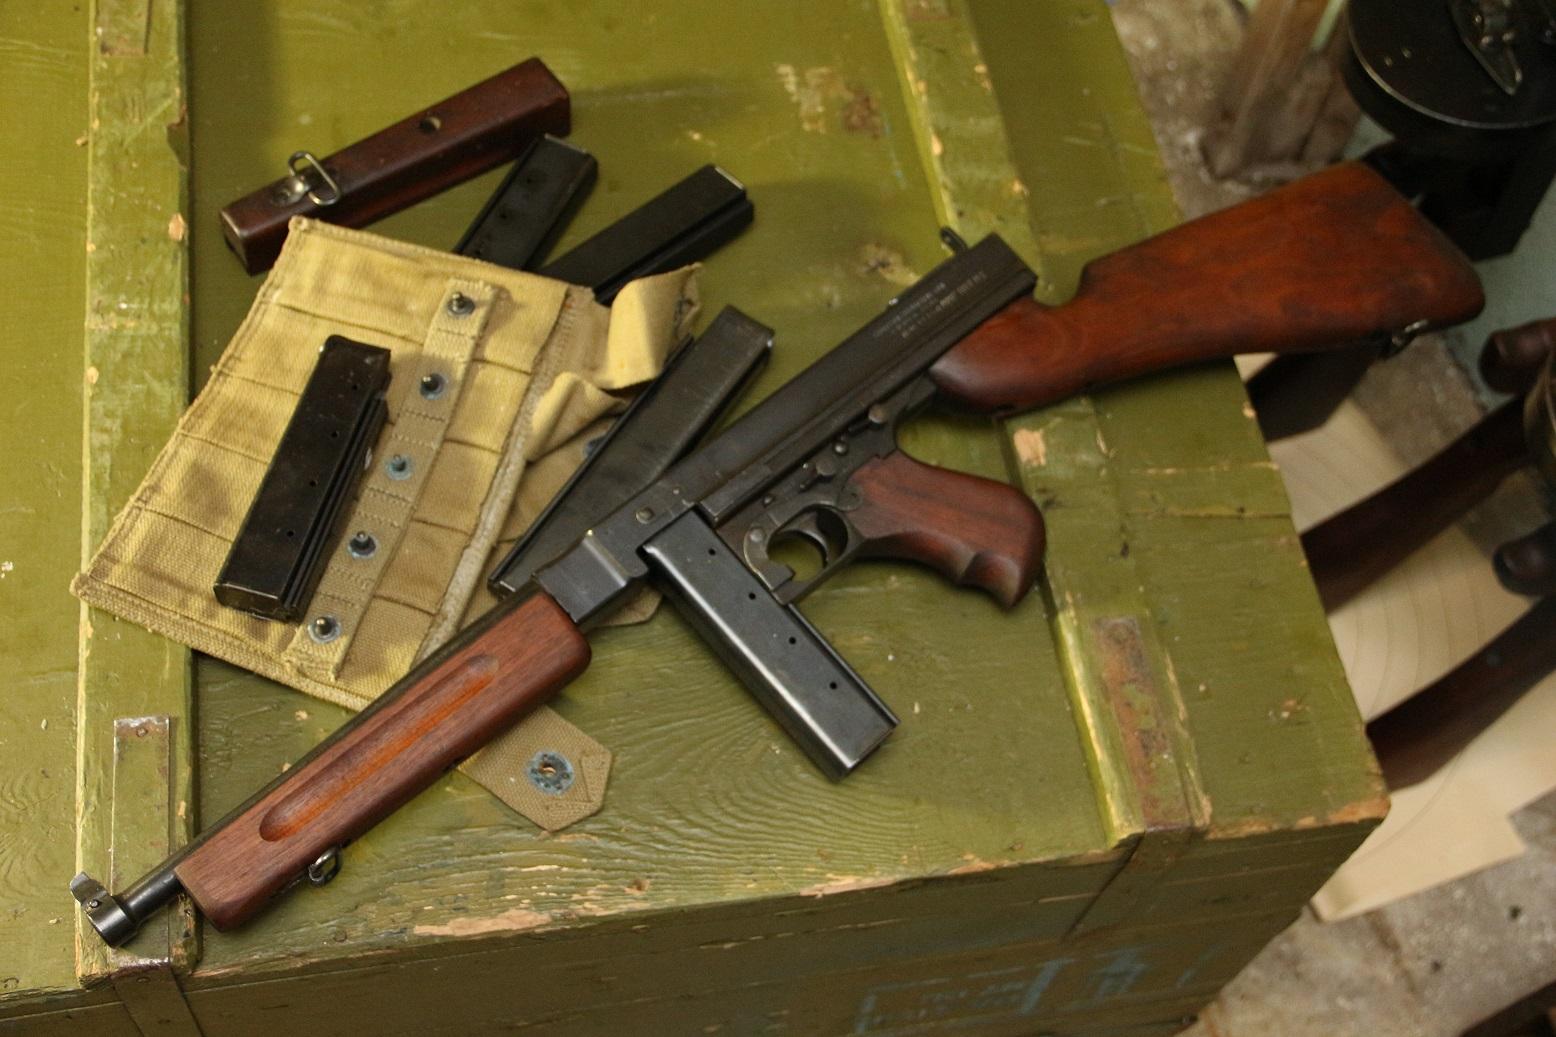 Пистолет-пулемет Томпсон М1 #19438